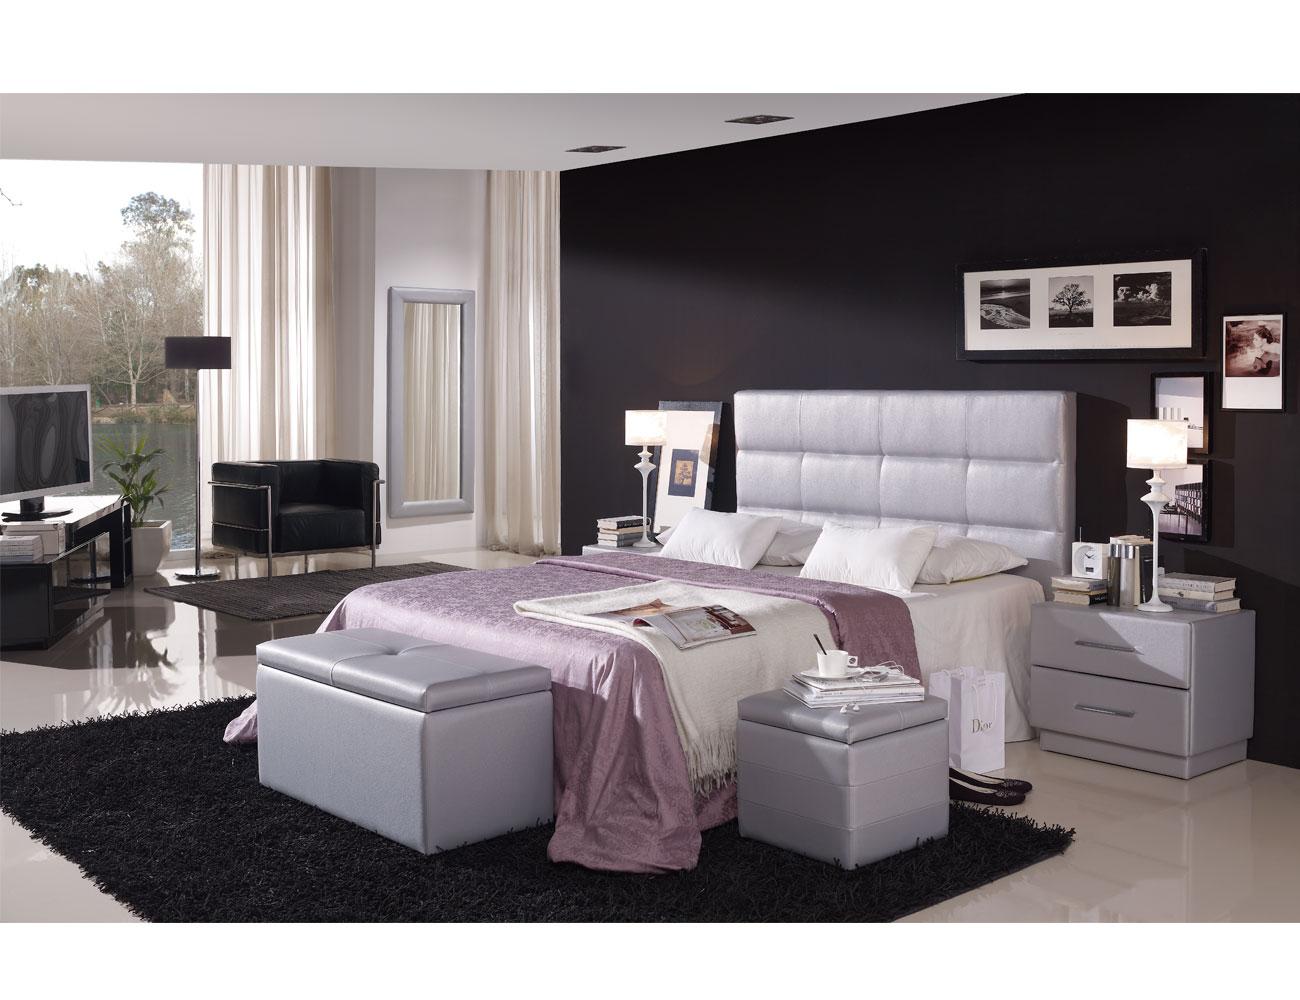 23 marco tapizado dormitorio911